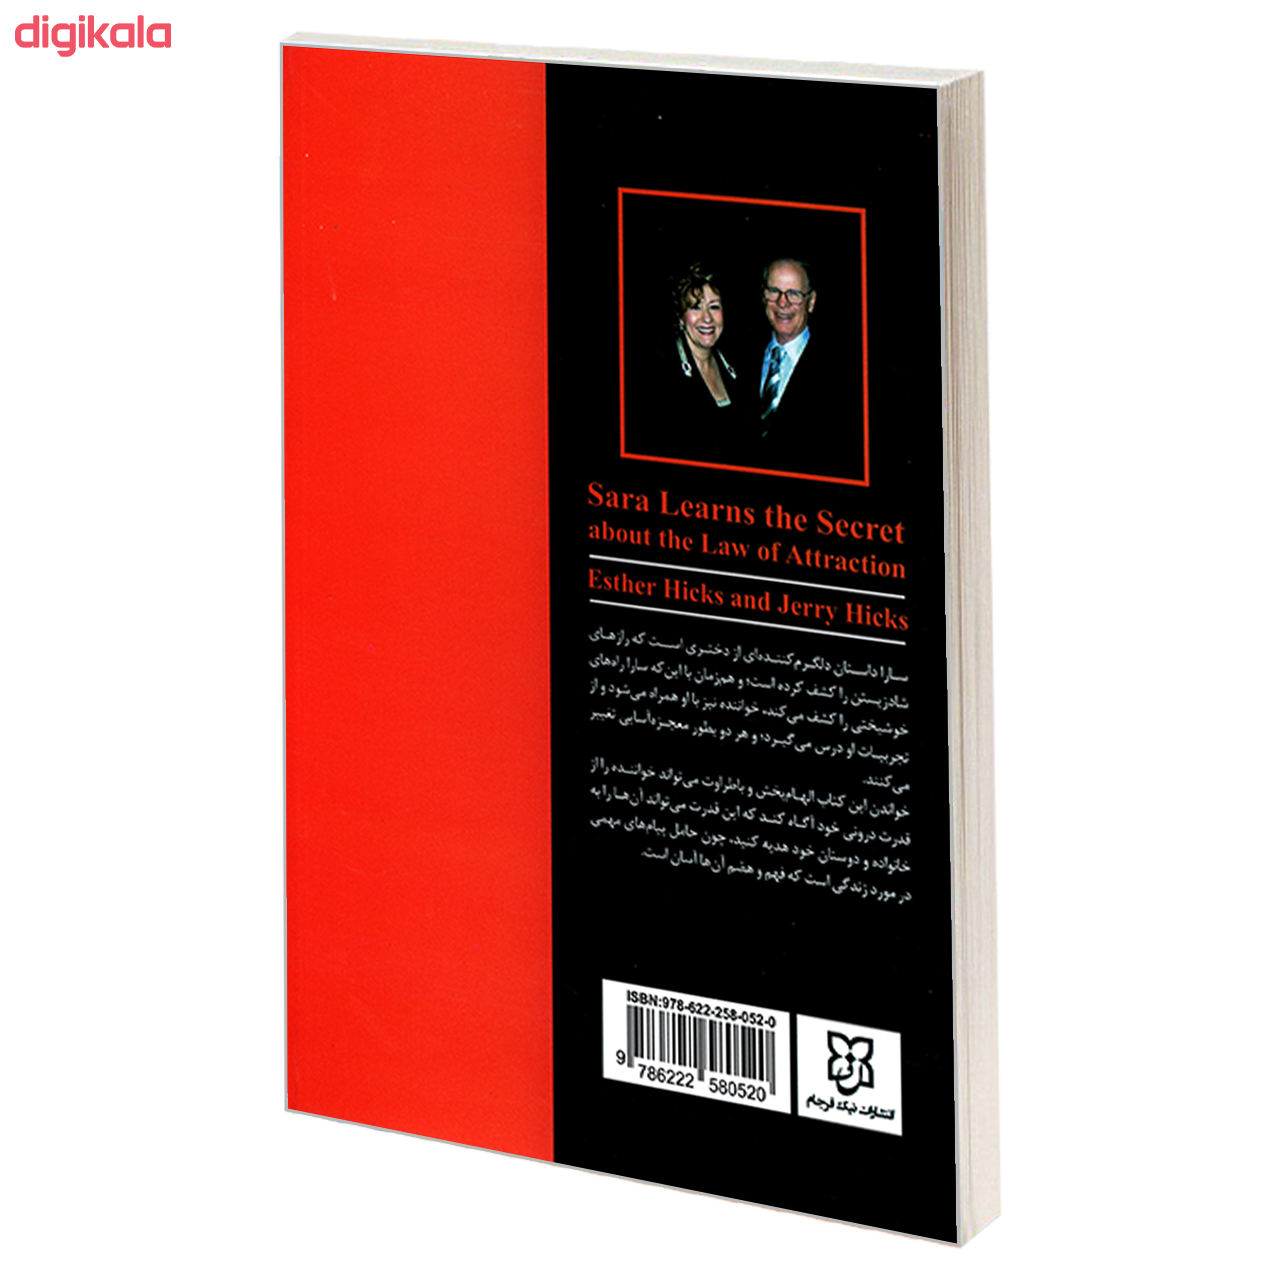 کتاب سارا اسرار قانون جذب را می آموزد اثر استر هیکس و جری هیکس نشر نیک فرجام main 1 1